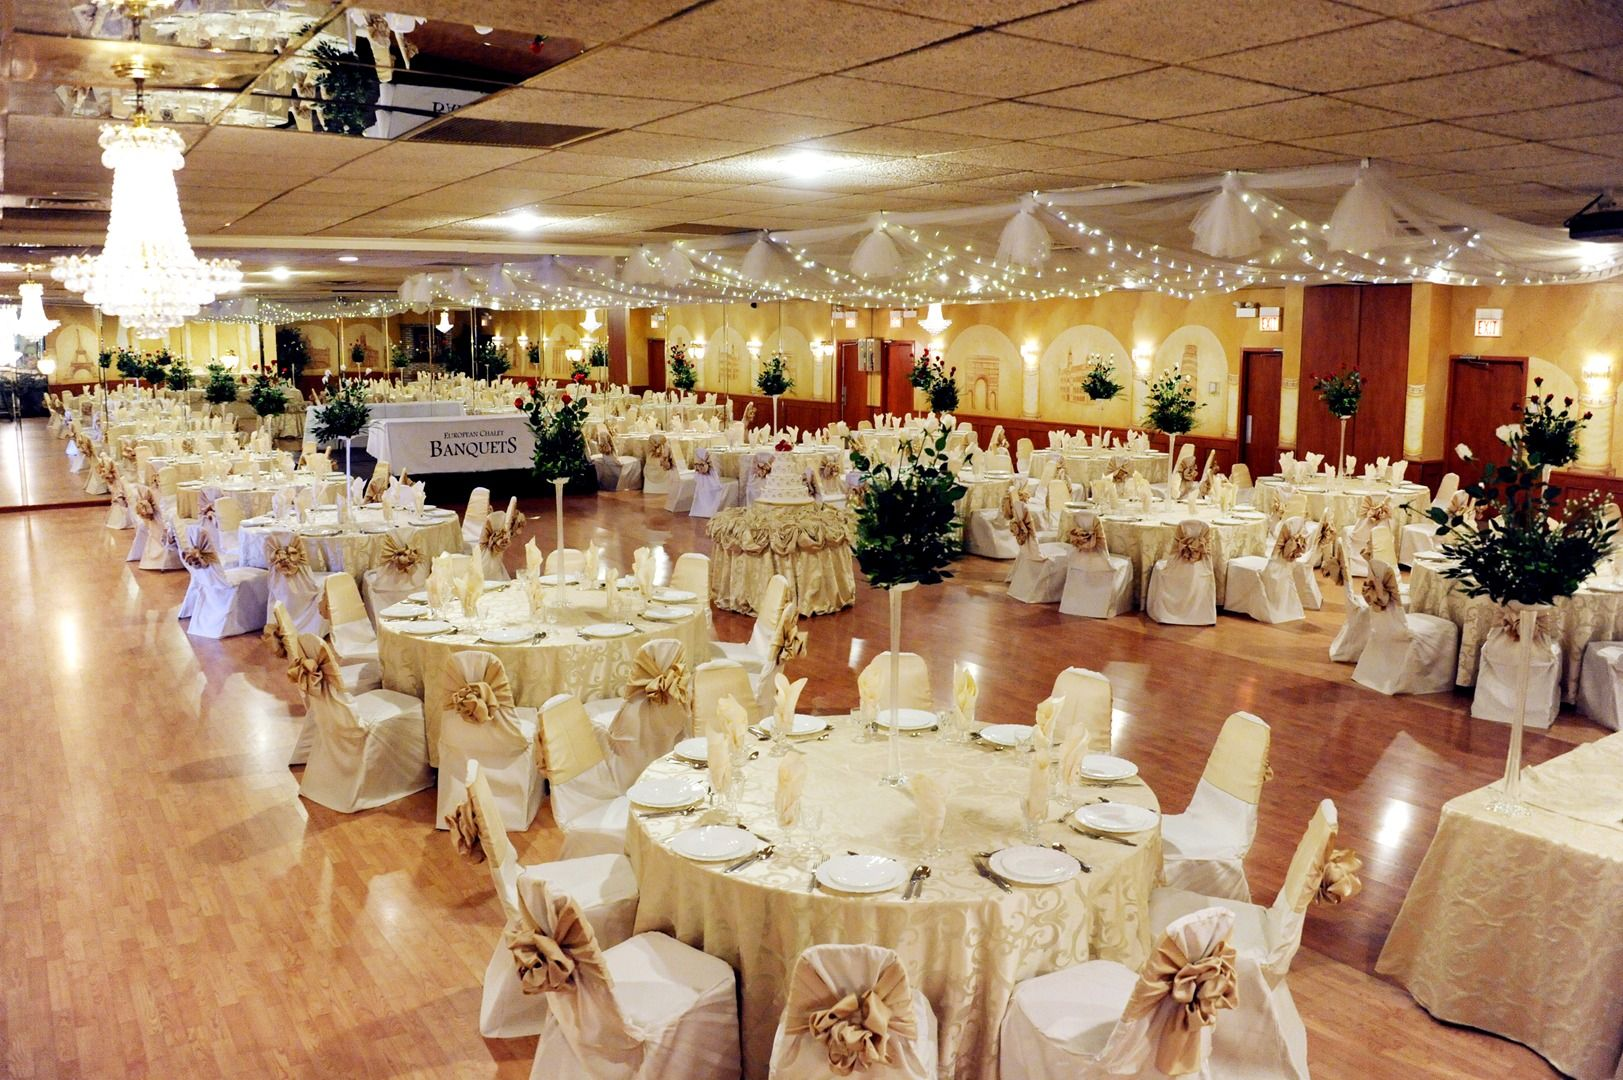 Party Rental Halls Wedding Venues In Chicago Banquet Halls In Chicago Book Venues Online Https Www Evenuebooki Banquet Hall Chicago Wedding Venues Banquet